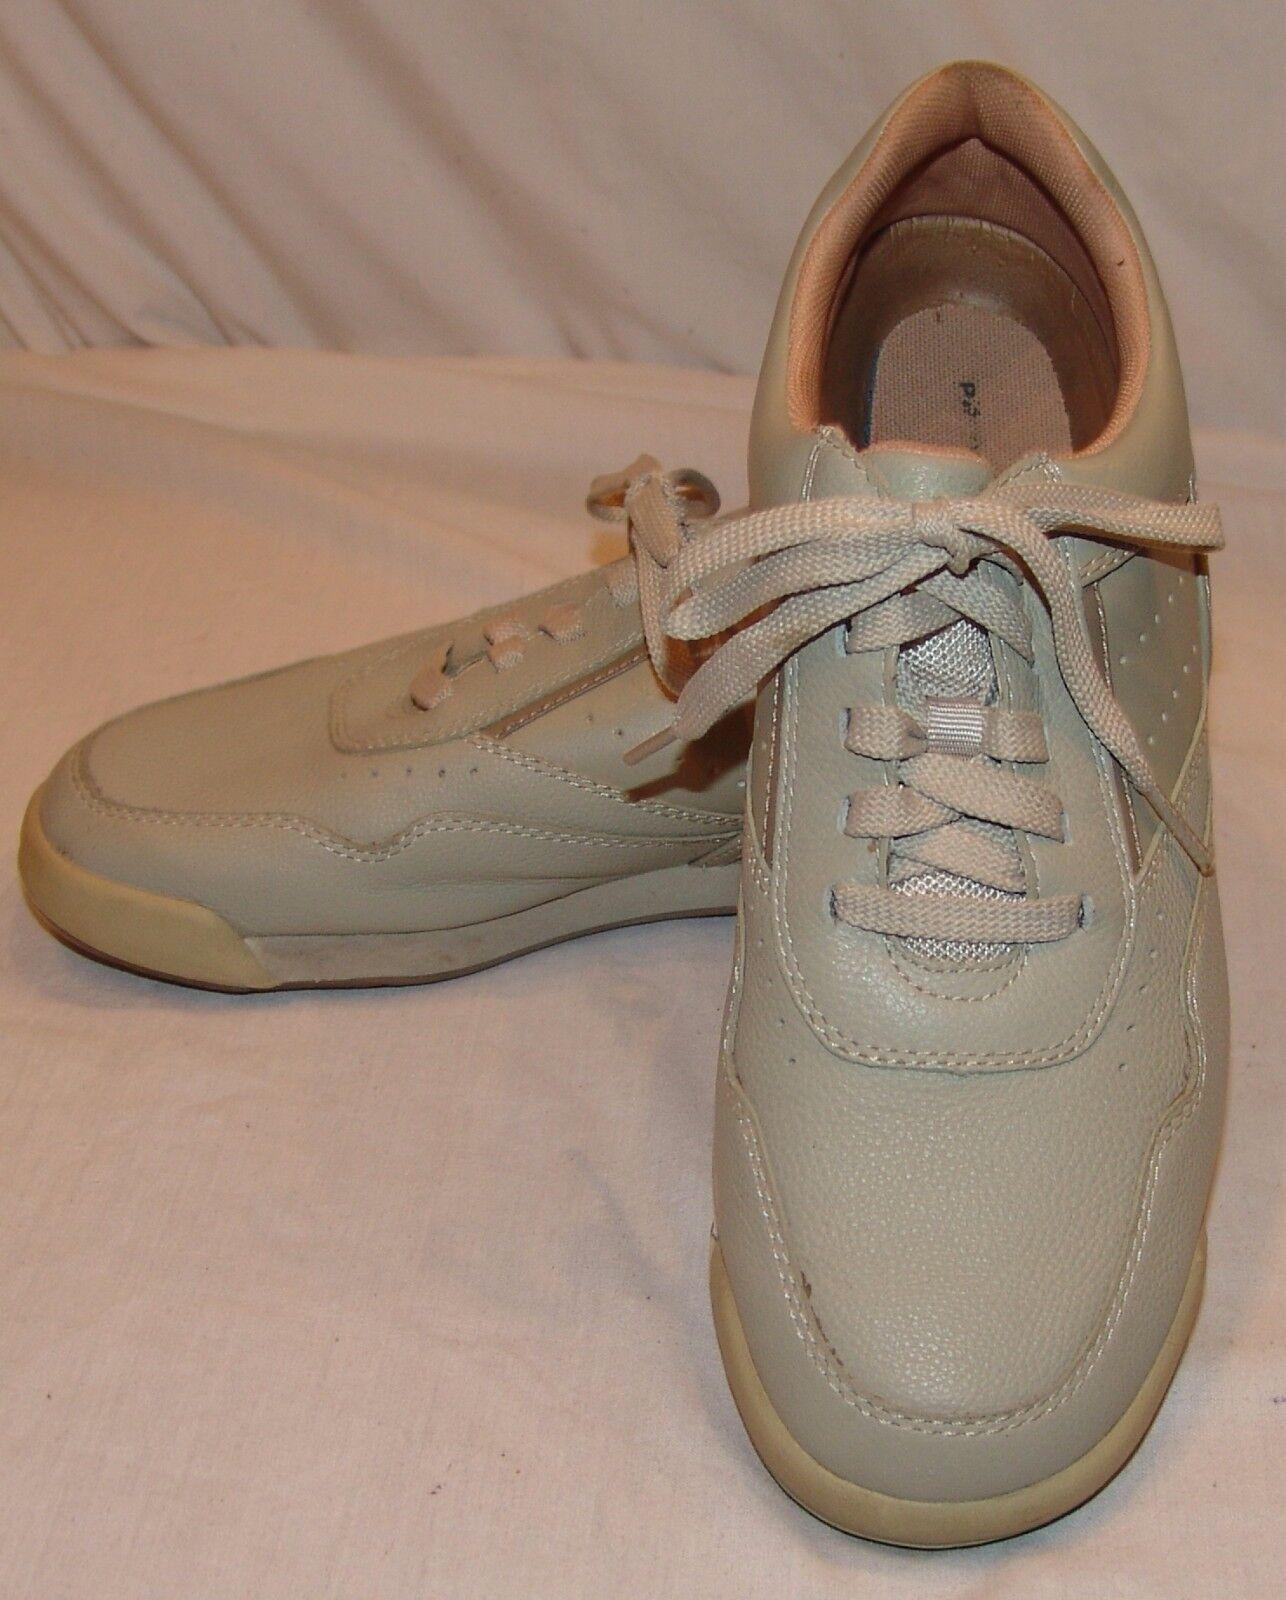 Rockport Prowalker Mens Walking shoes 8 1 2 8.5 Beige Pro Walker Casual